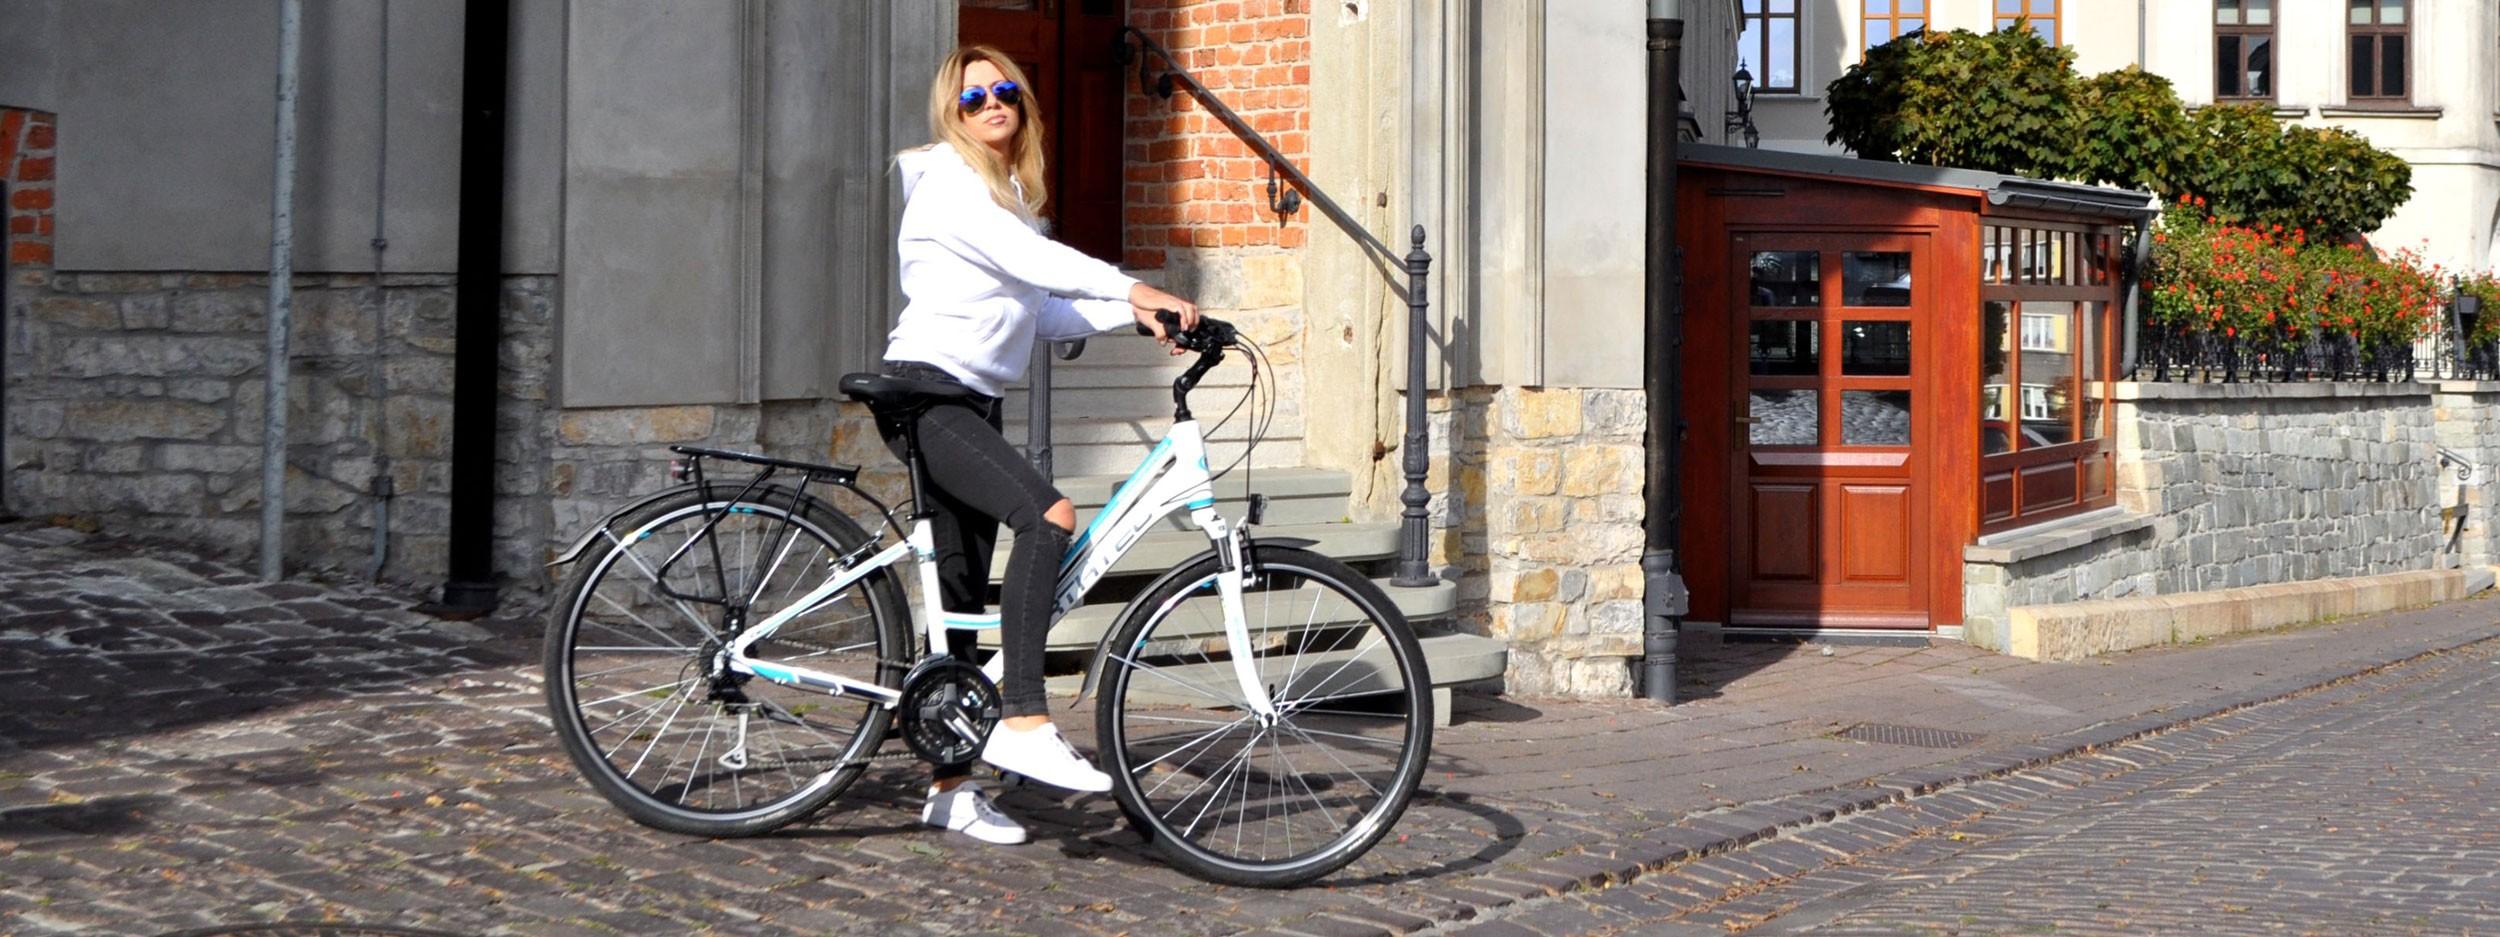 Wycieczki miejskimi rowerami